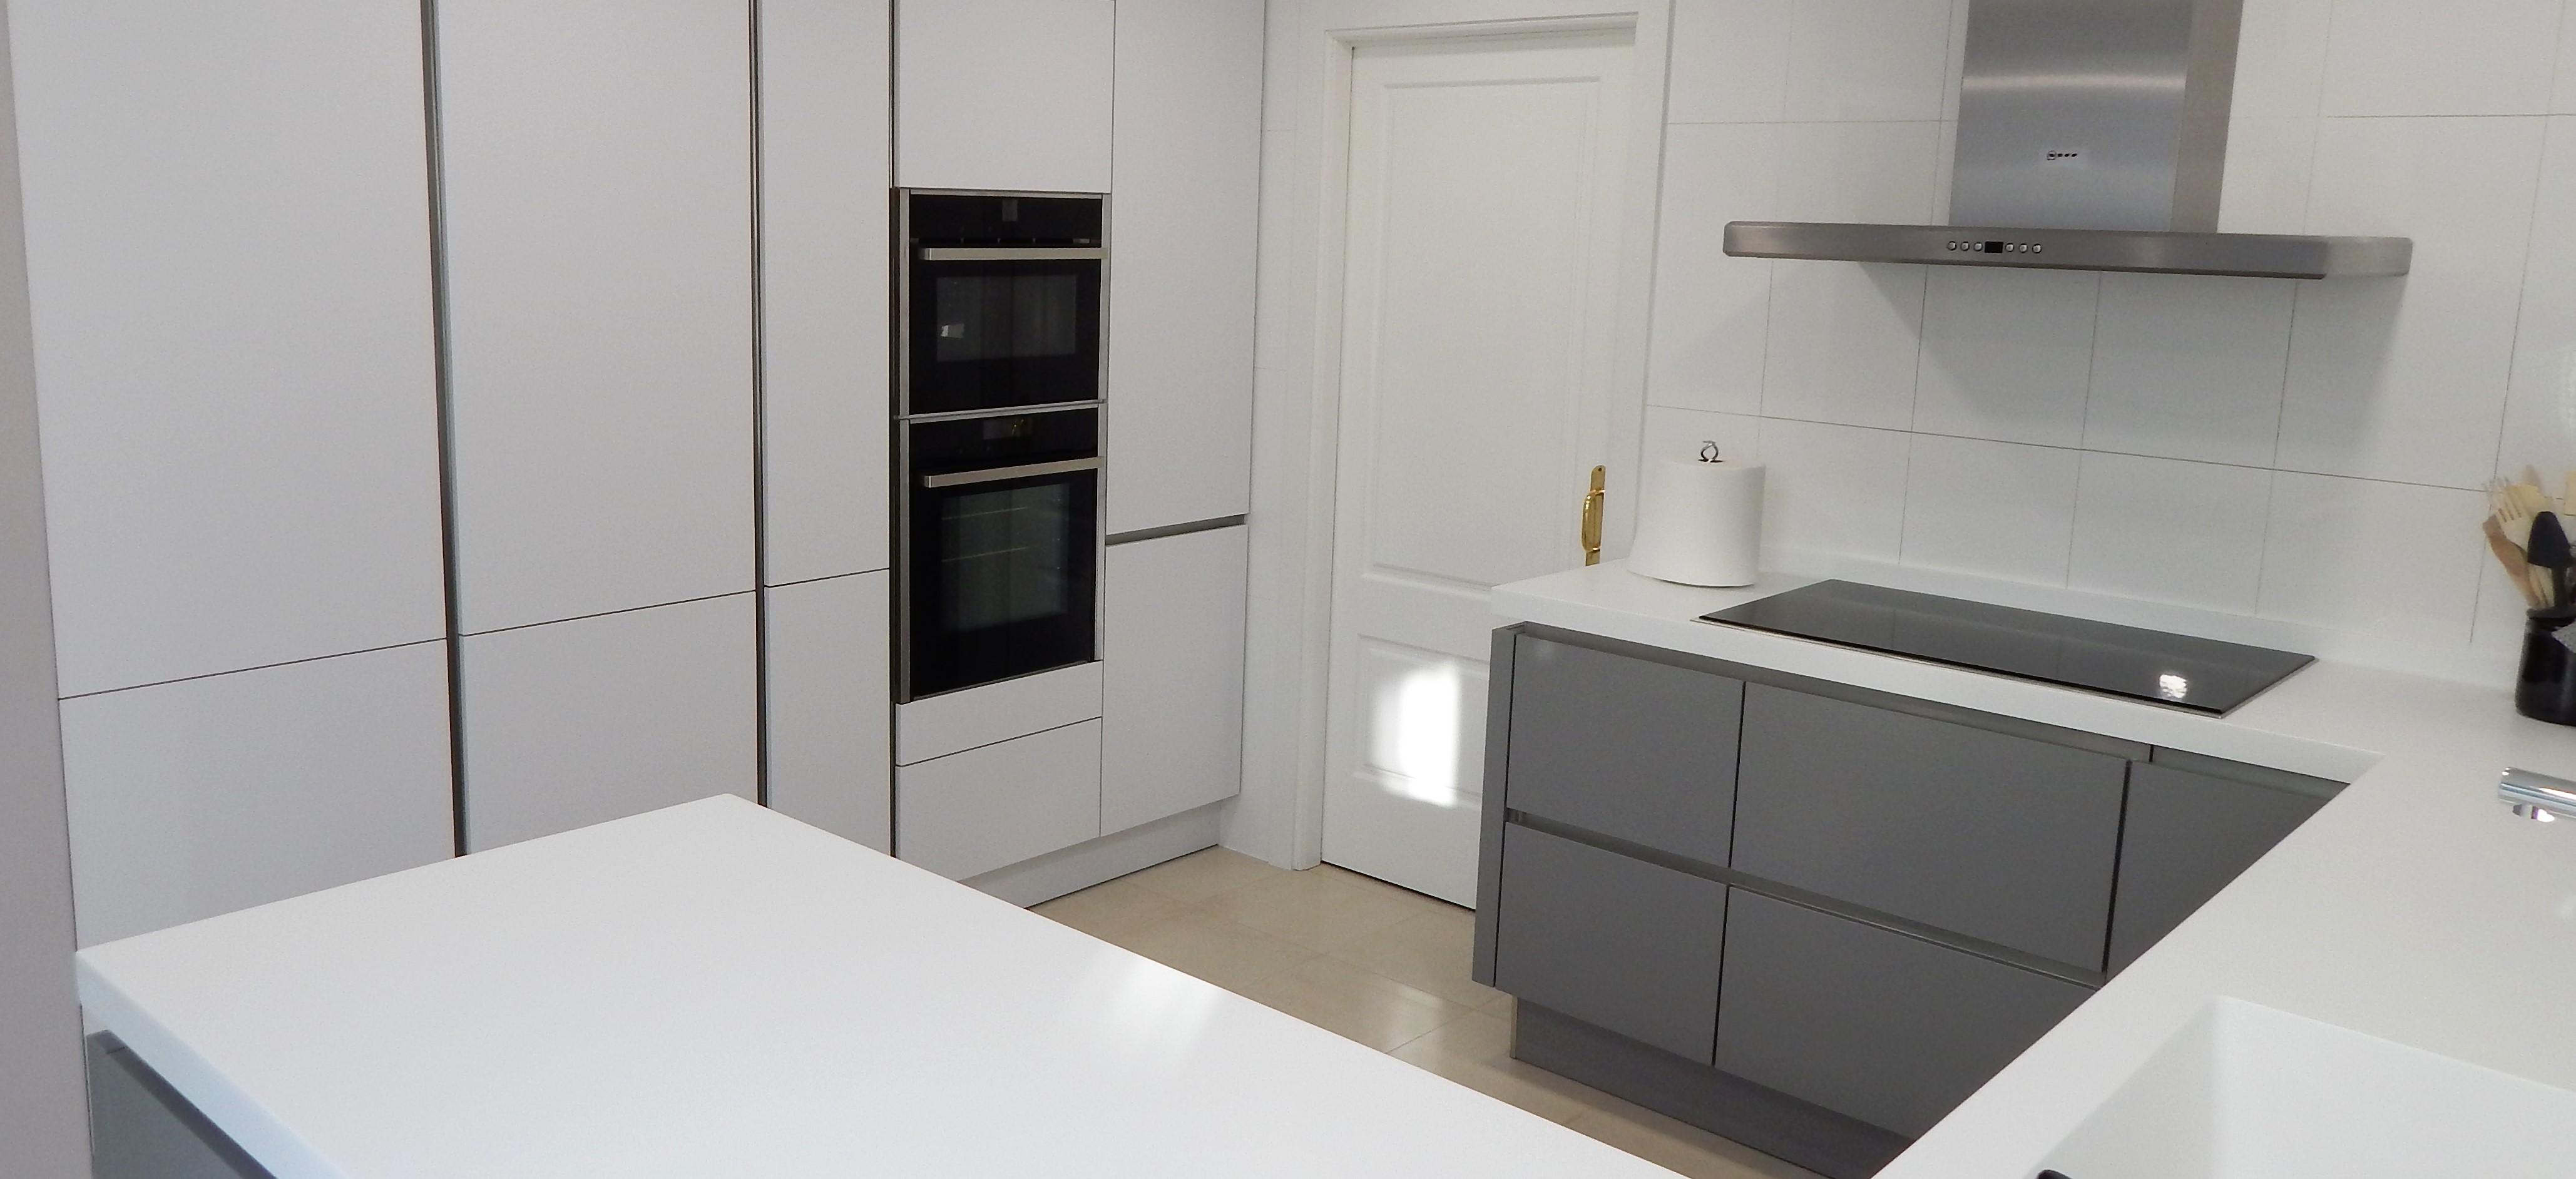 Muebles de cocina laser gris perla y blanco for Muebles de cocina gris